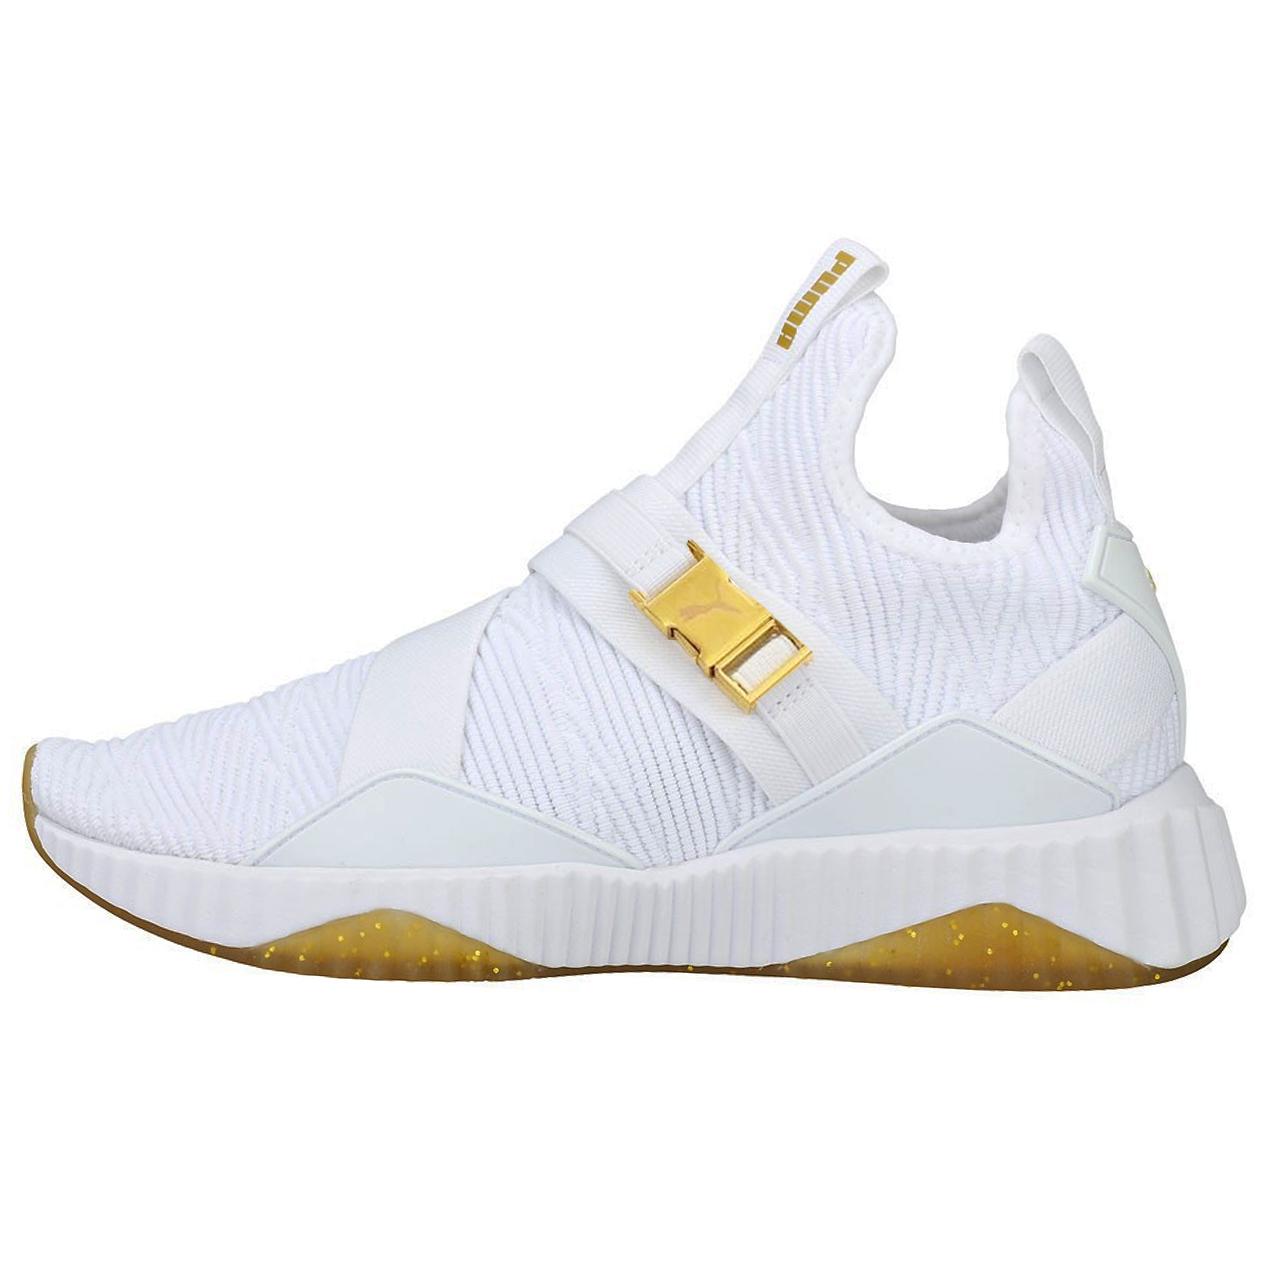 کفش راحتی مردانه پوما مدل  Defy Varsity Mid کد 560012